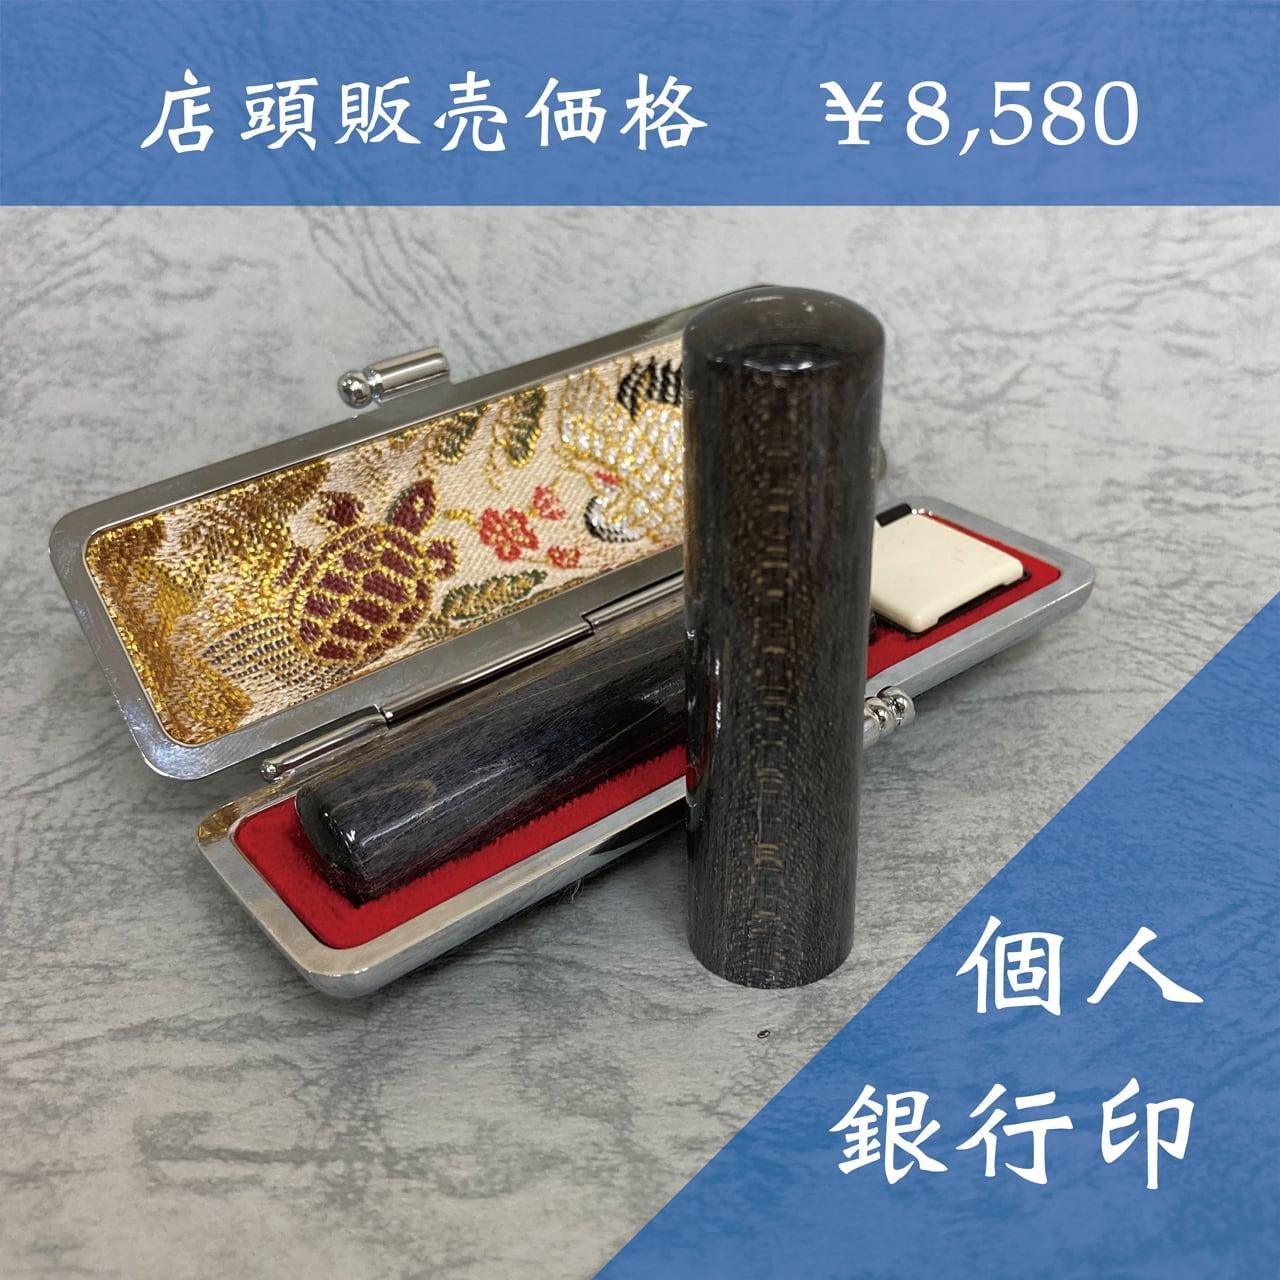 【個人用】銀行印(13.5mm)黒楓